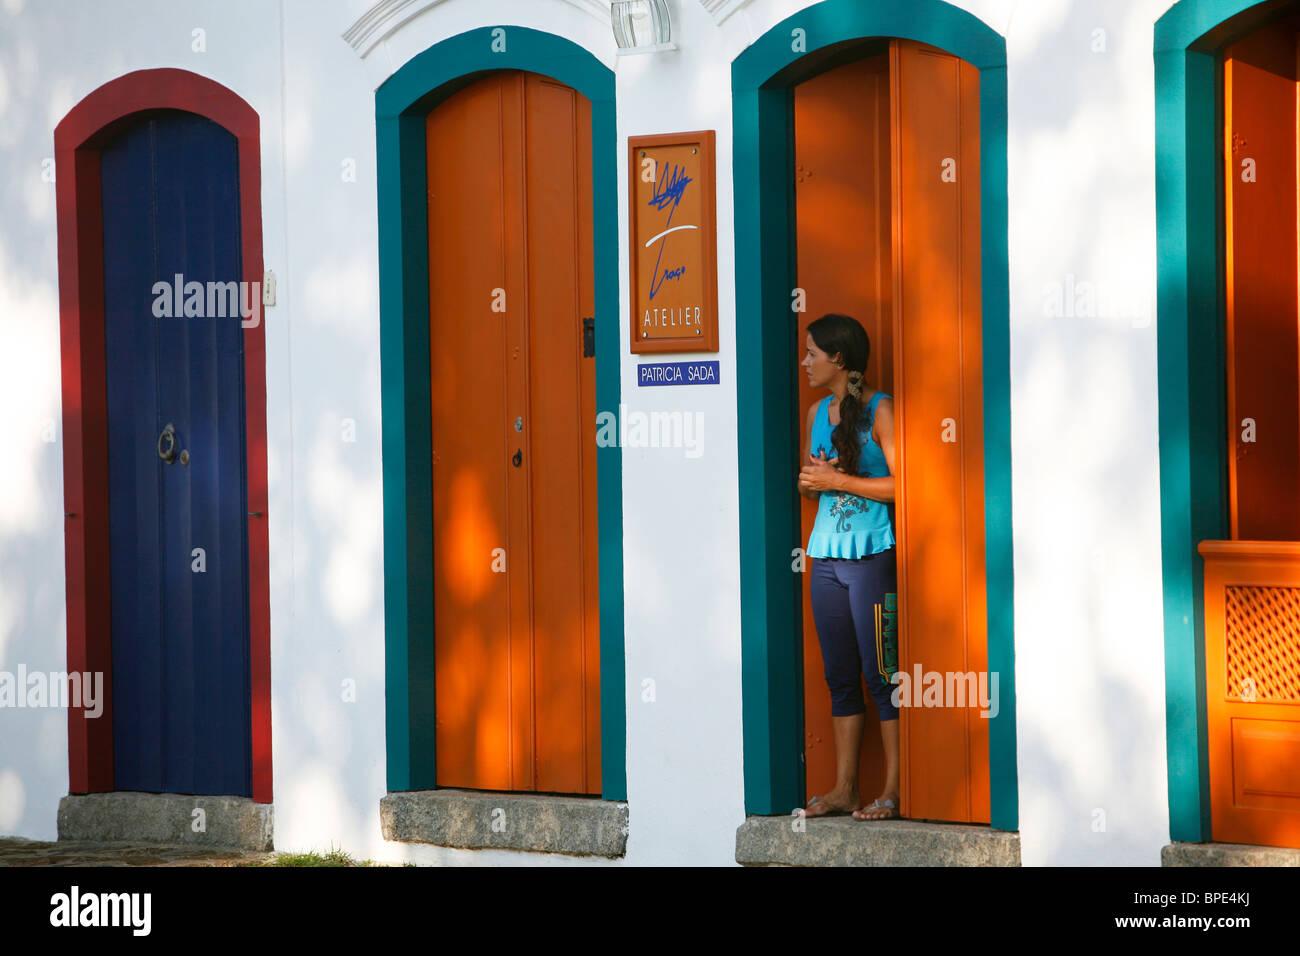 Typischen Häusern im Kolonialstil in der Altstadt von Parati, Bundesstaat Rio De Janeiro, Brasilien. Stockbild